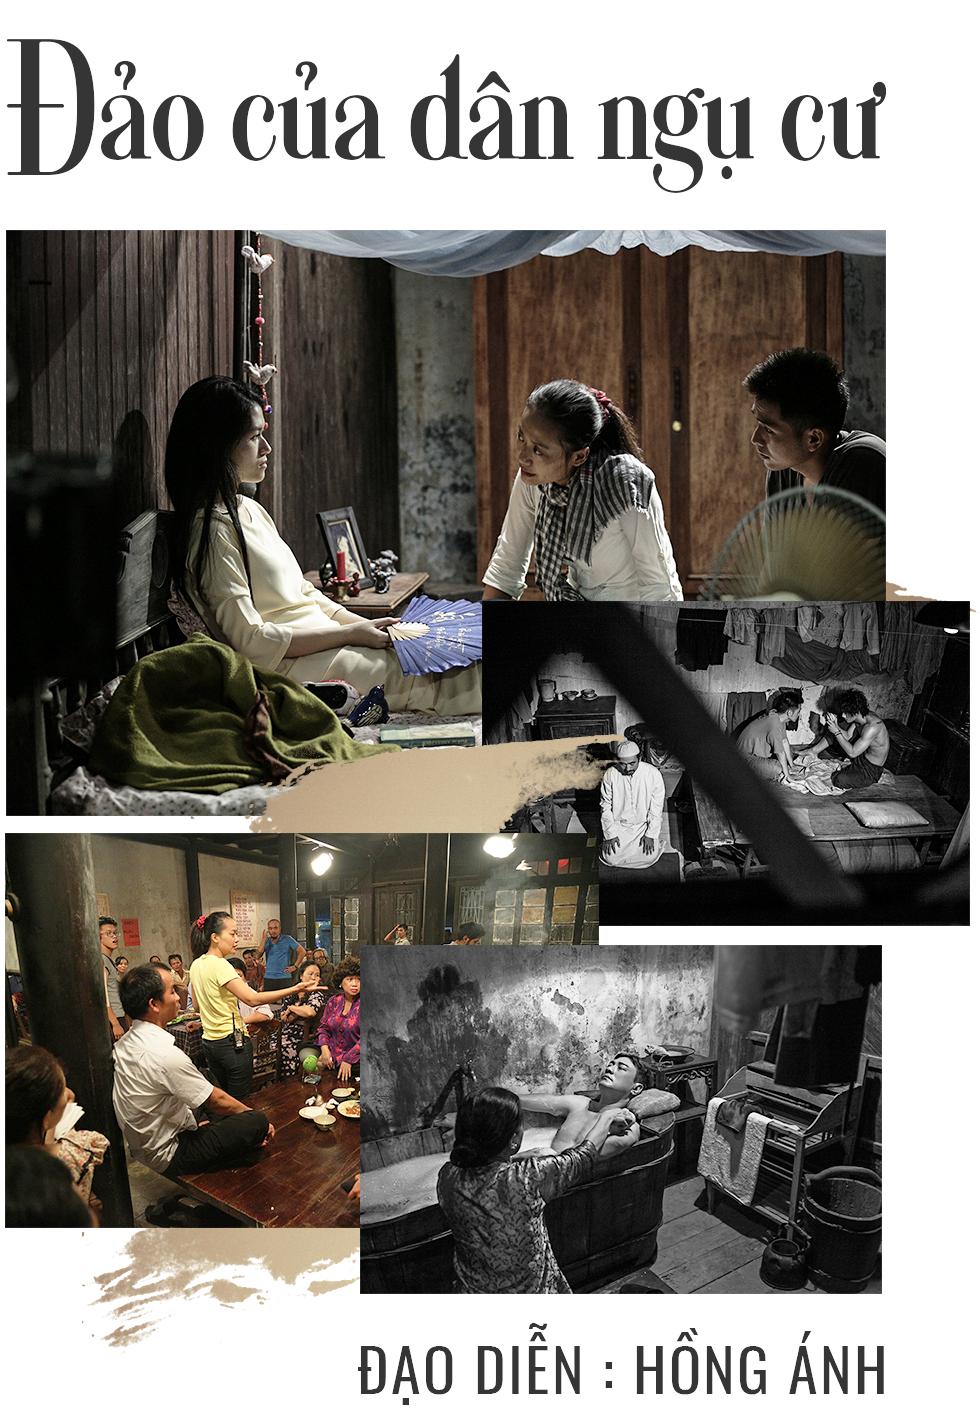 8-3 và những đoá hồng chất của điện ảnh Việt - Ảnh 9.